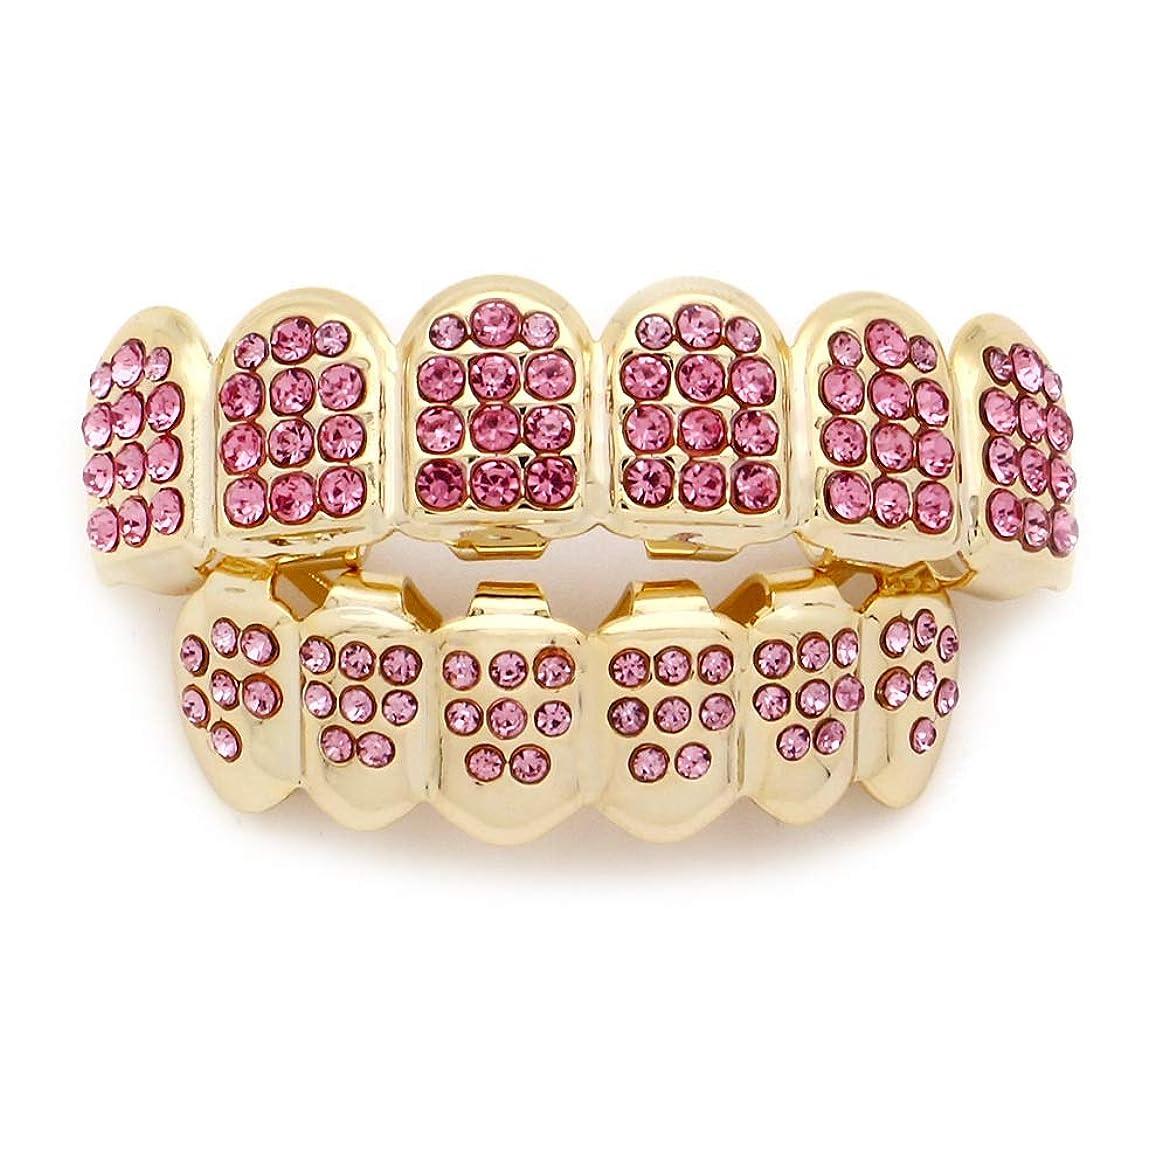 現在バズトランペットダイヤモンドゴールドプレートHIPHOPティースキャップ、ヨーロッパ系アメリカ人INS最もホットなゴールド&ブラック&シルバー歯ブレース口の歯 (Color : Pink)